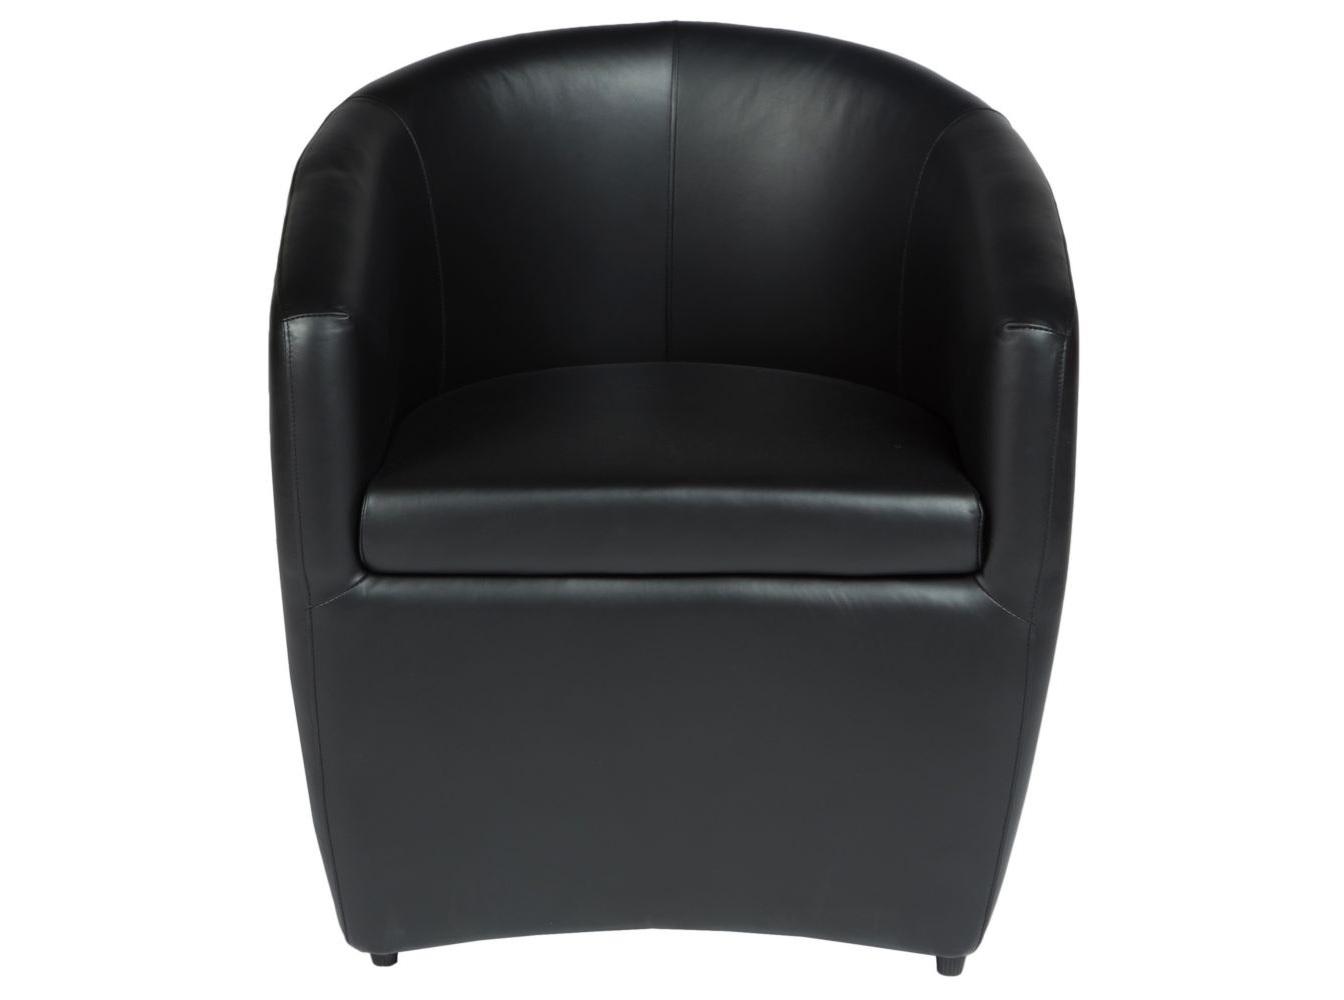 Кресло Jess darkКожаные кресла<br><br><br>Material: Кожа<br>Ширина см: 66<br>Высота см: 72<br>Глубина см: 66